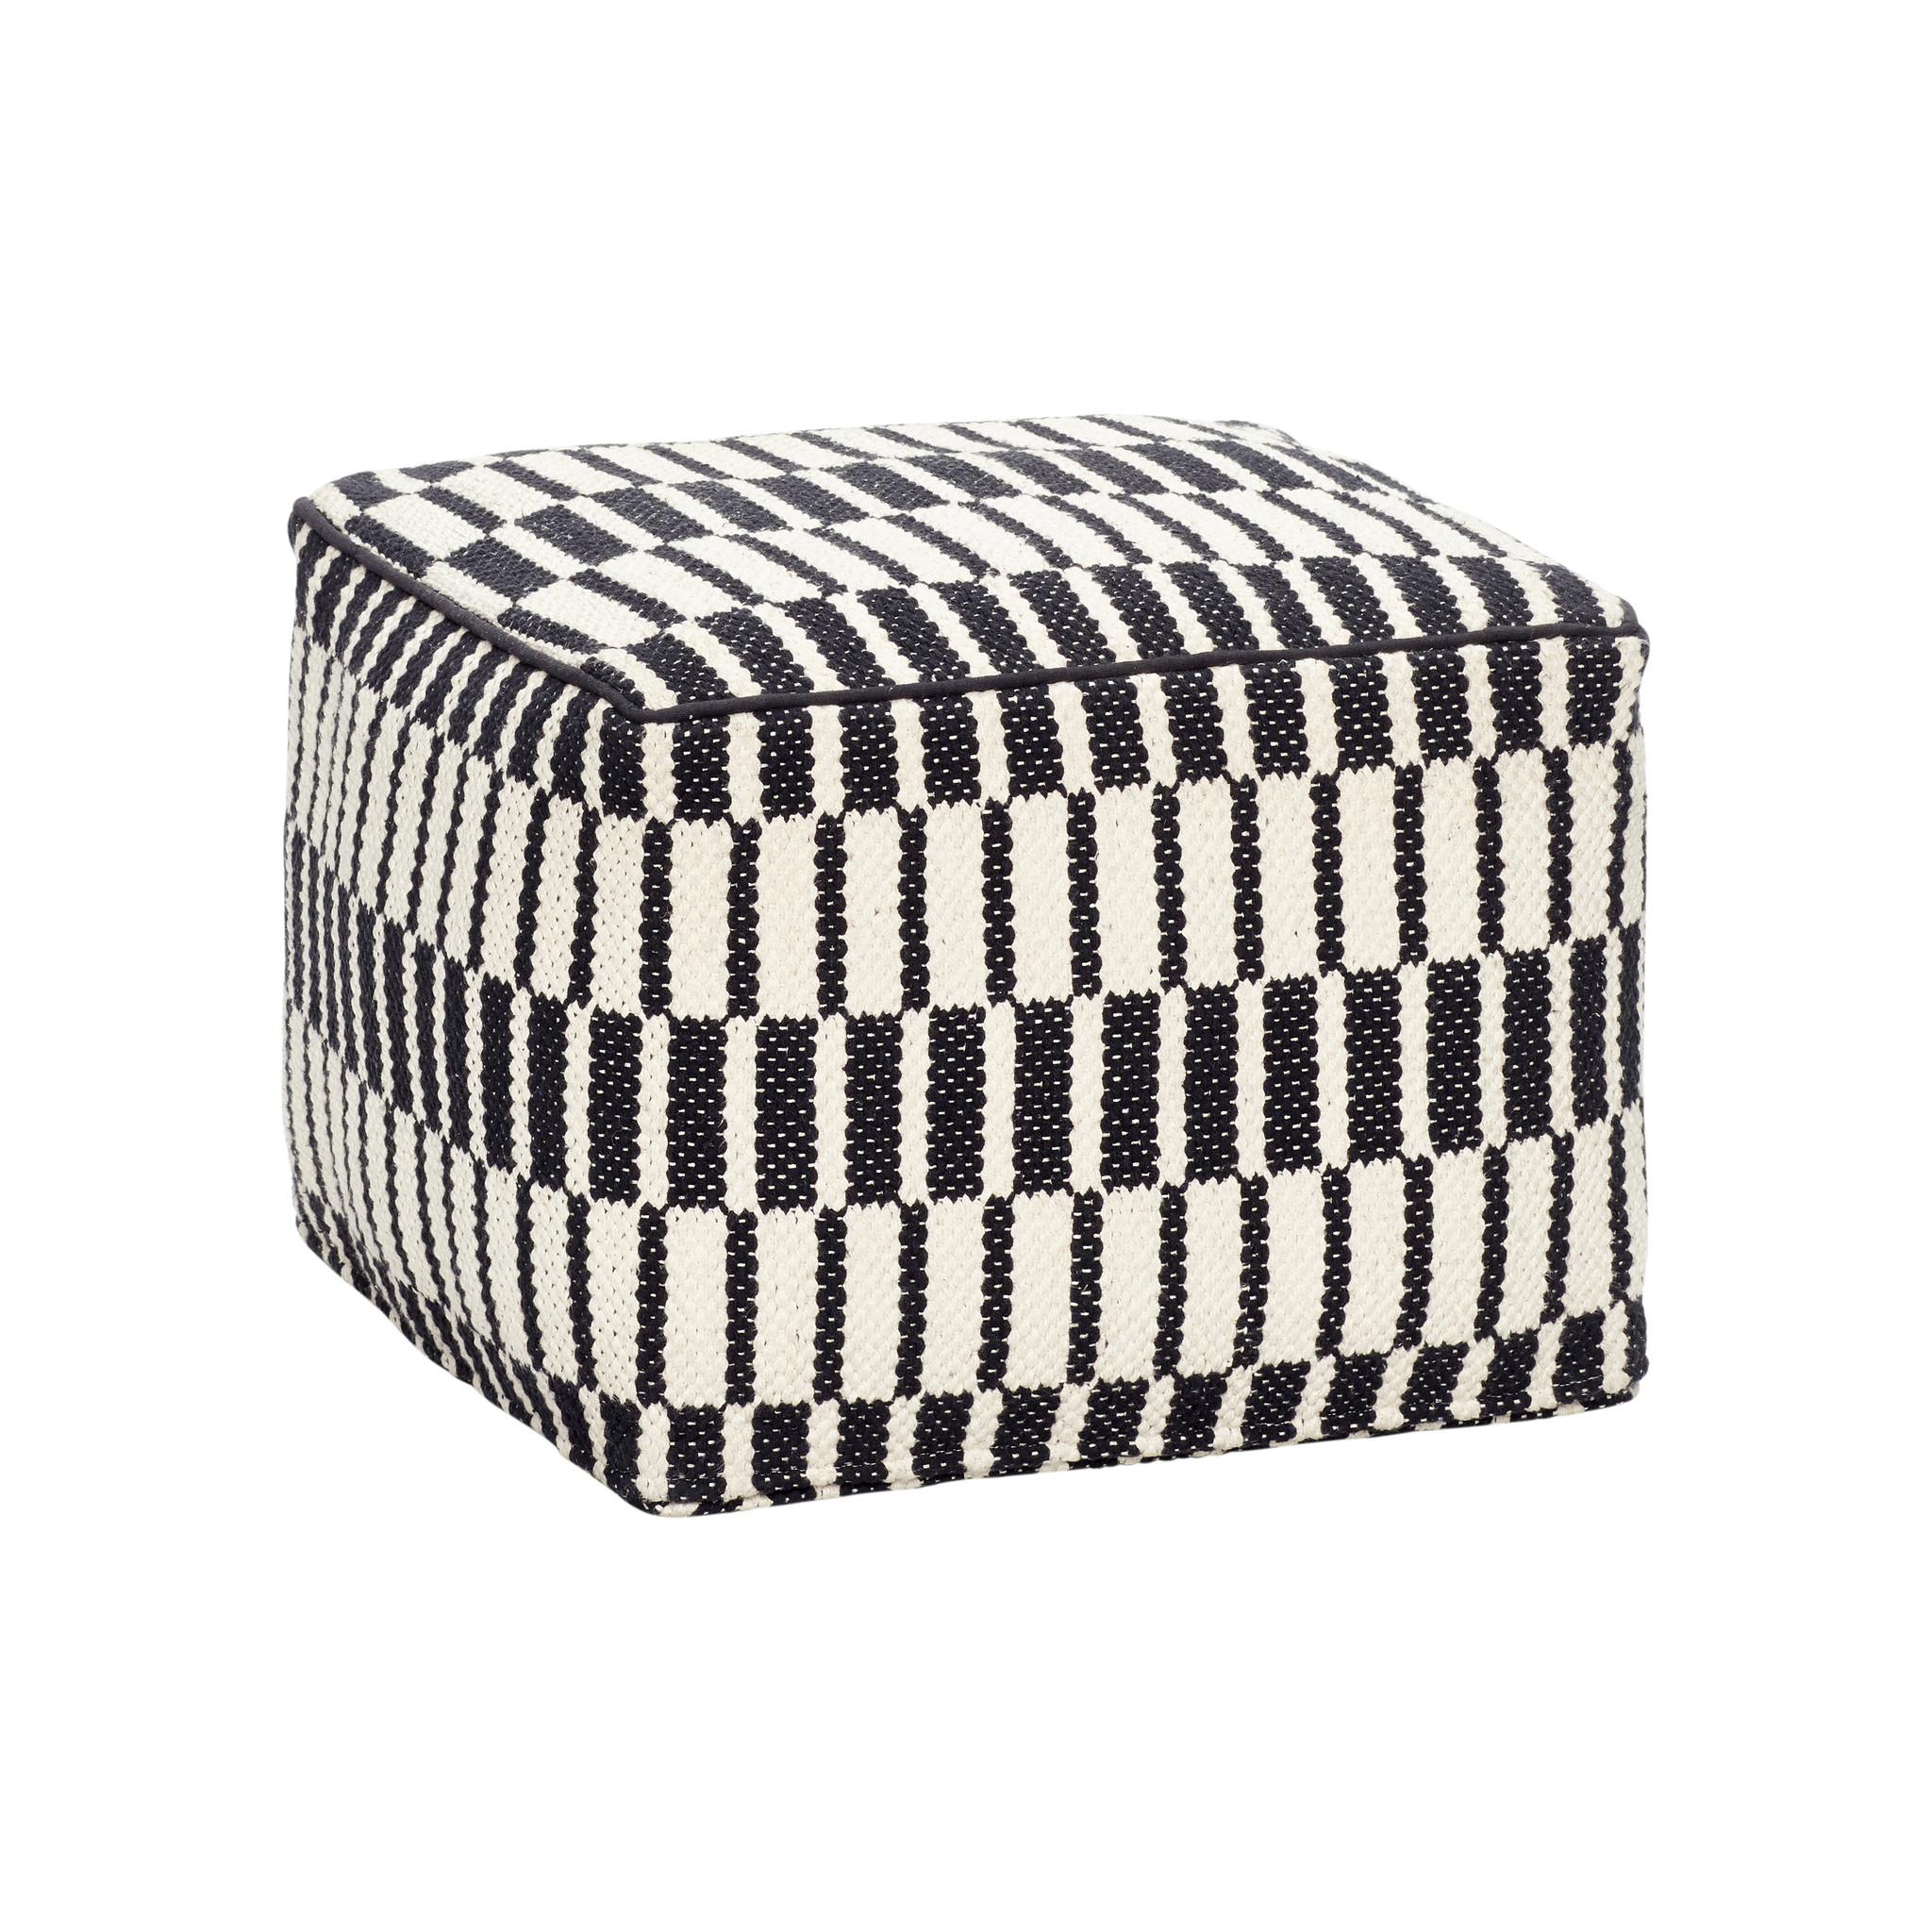 Hubsch Poef met patroon, vierkant, katoen, zwart / wit